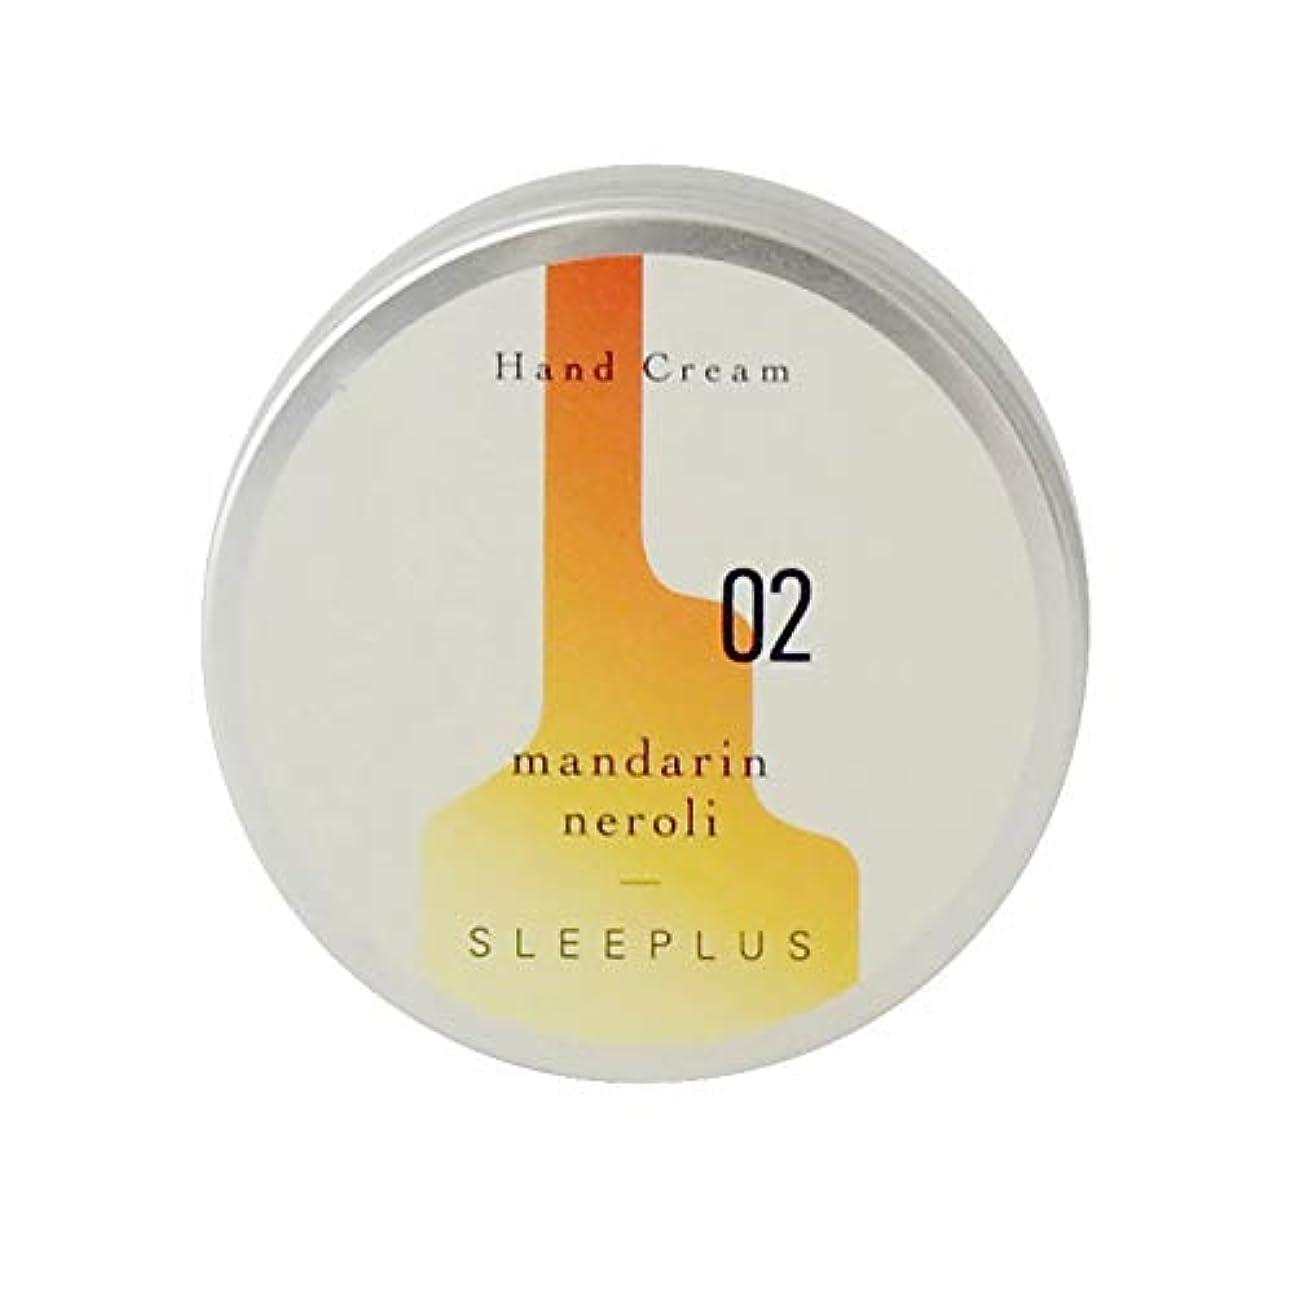 ジャンク明らかにする意志Heavenly Aroom ハンドクリーム SLEEPLUS 02 マンダリンネロリ 75g